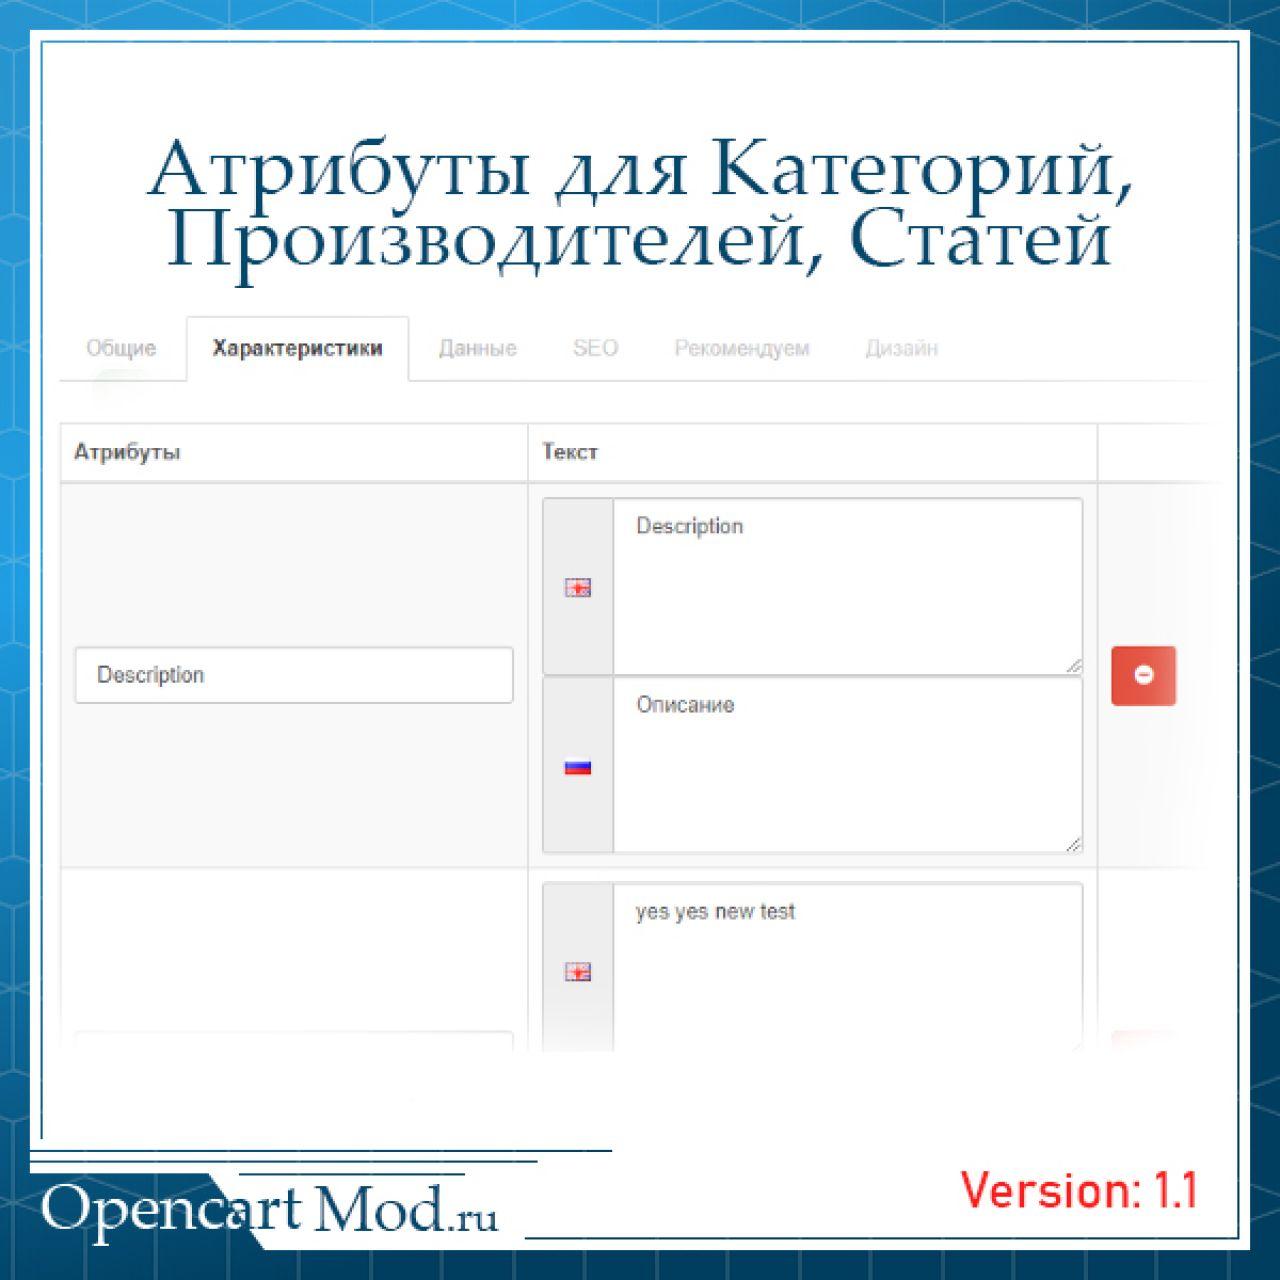 Атрибуты для категорий, производителей, статей из категории Атрибуты для CMS OpenCart (ОпенКарт)